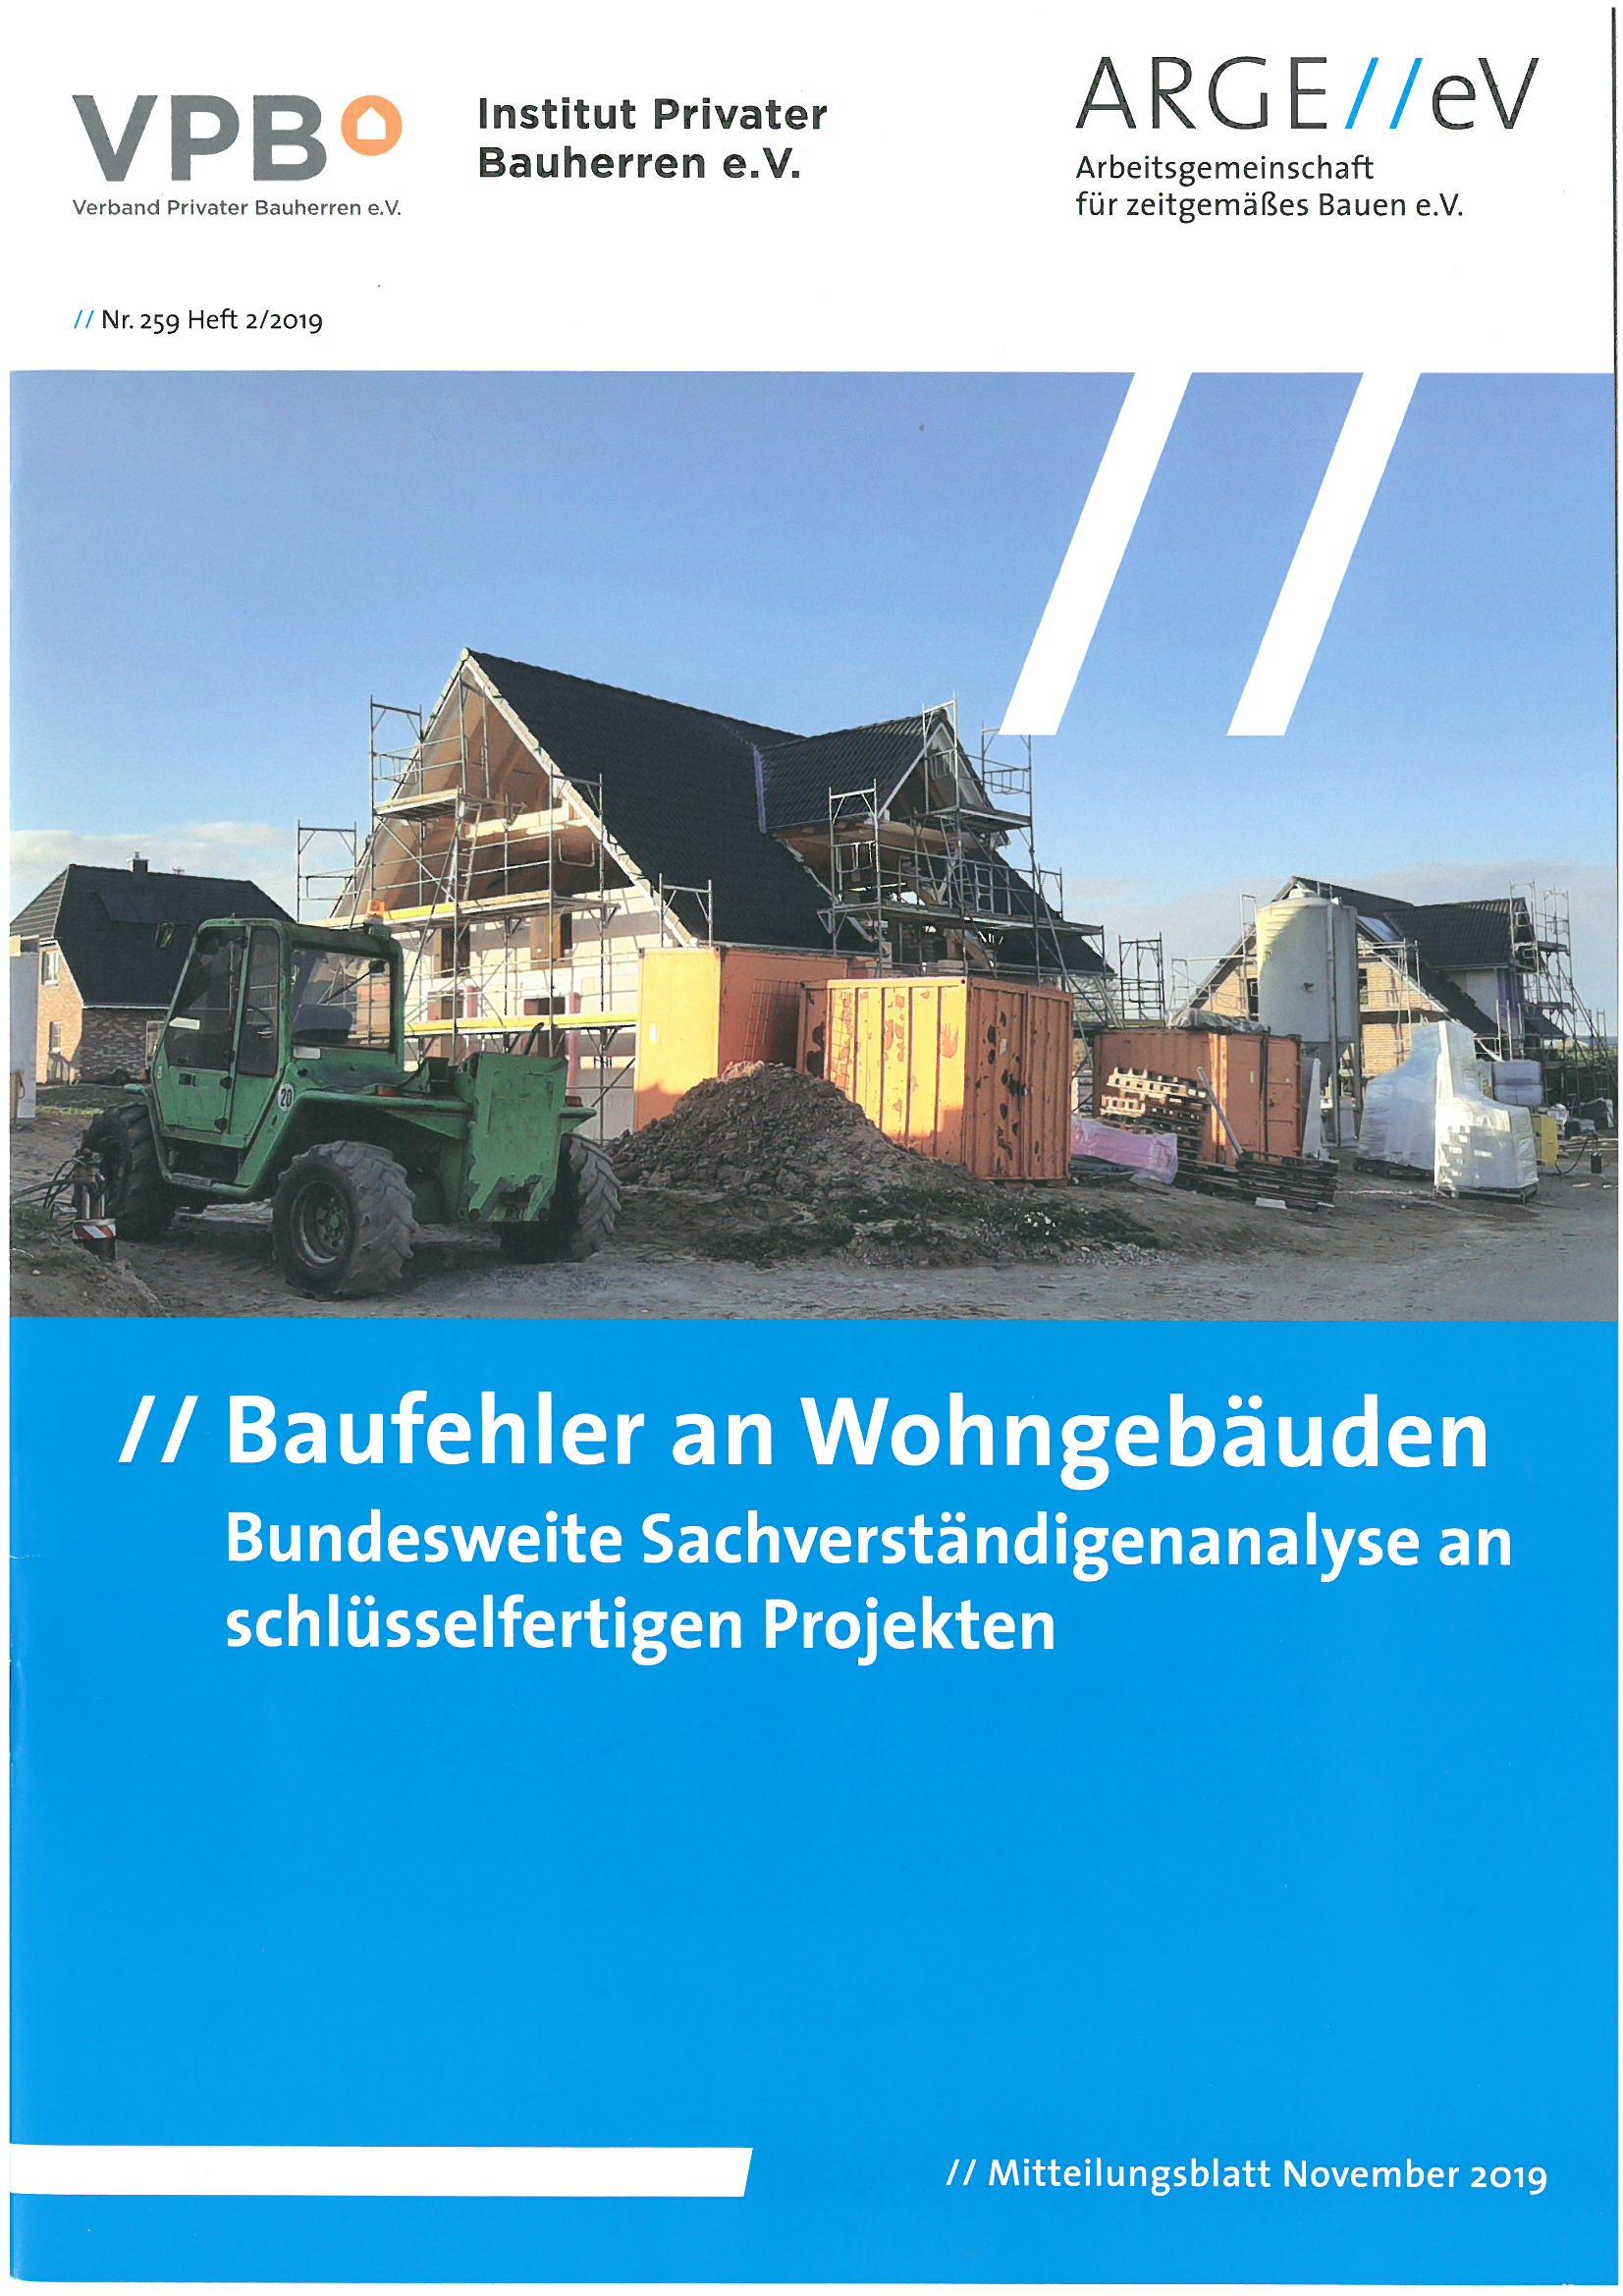 Baufehler an Wohngebäuden